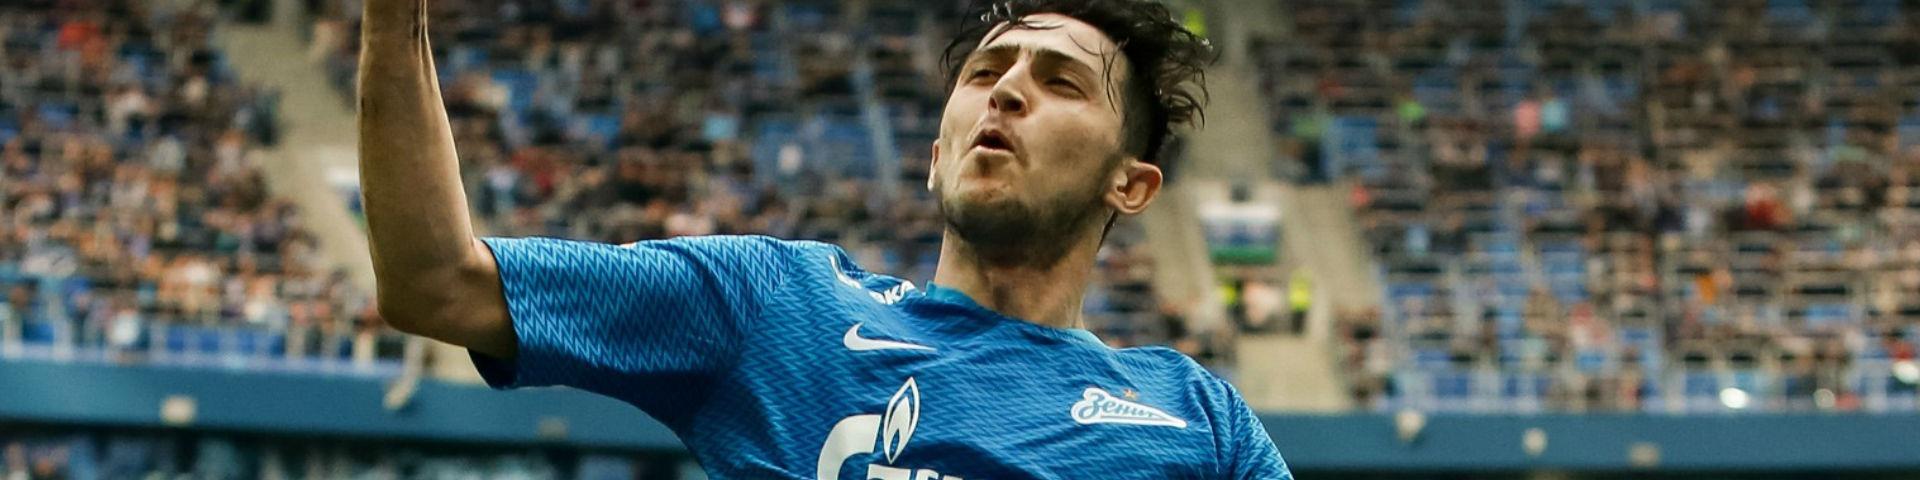 БК «1хСтавка»: «Зенит» выйдет в плей-офф Лиги чемпионов